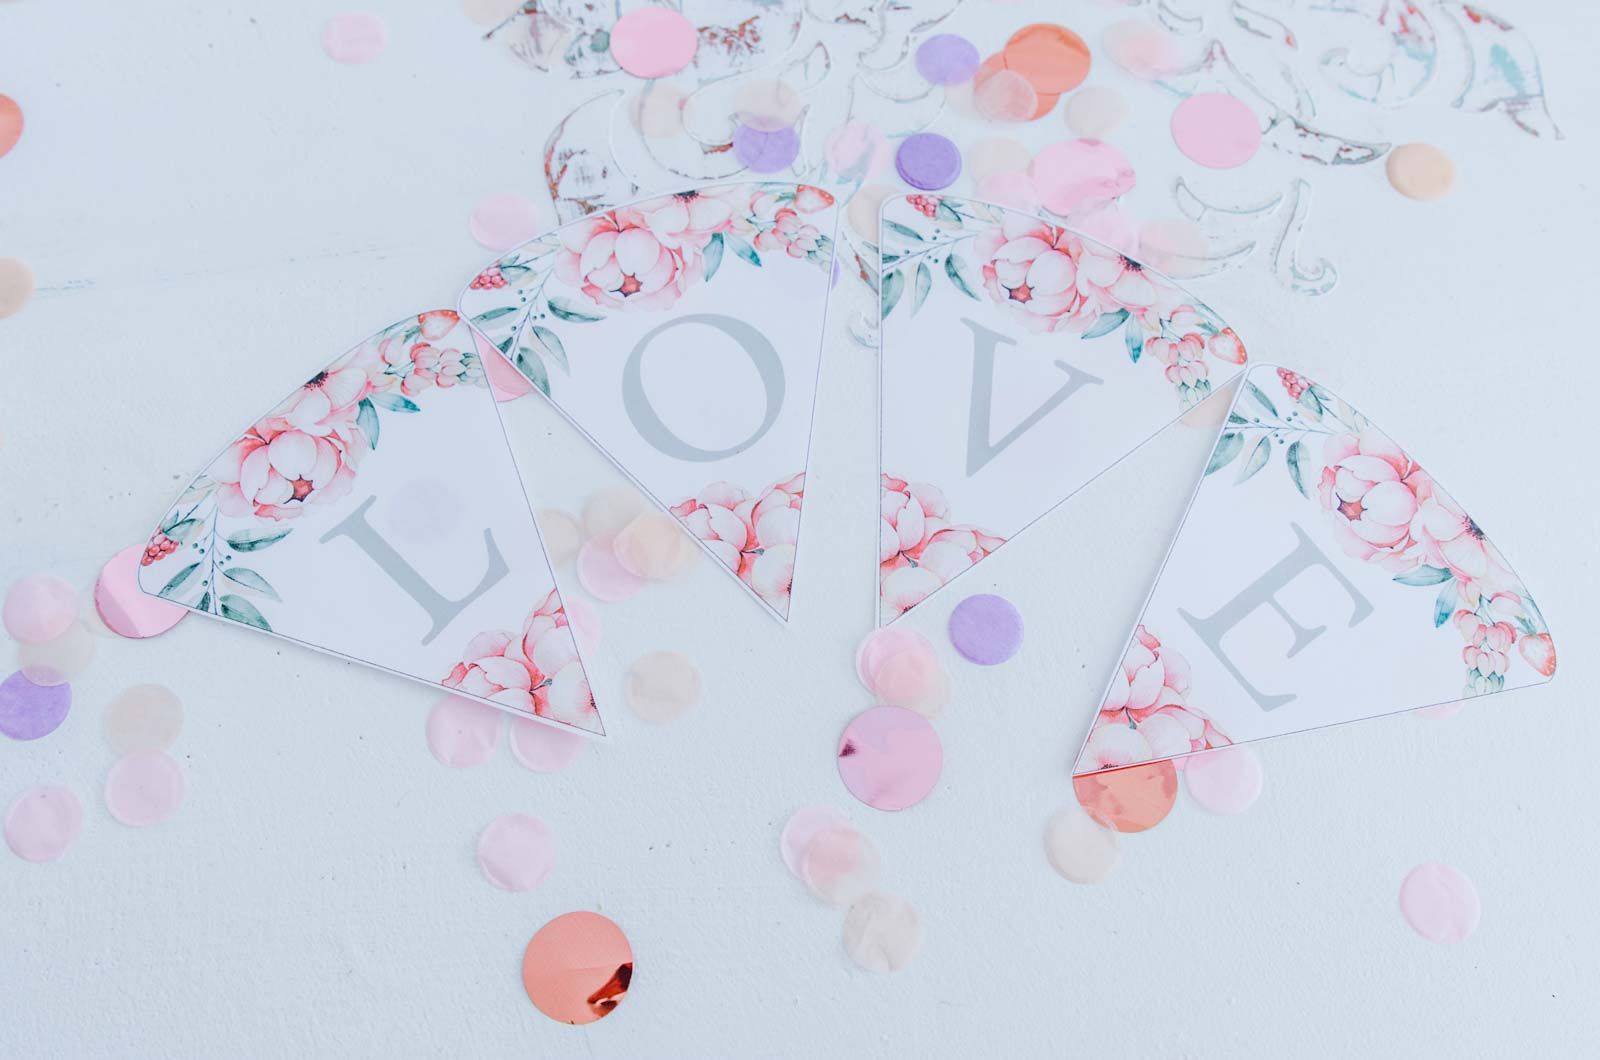 Hochzeit-Hochzeitsfotograf-Koeln-NRW-DIY-Wedding-Wimpel-Love-17